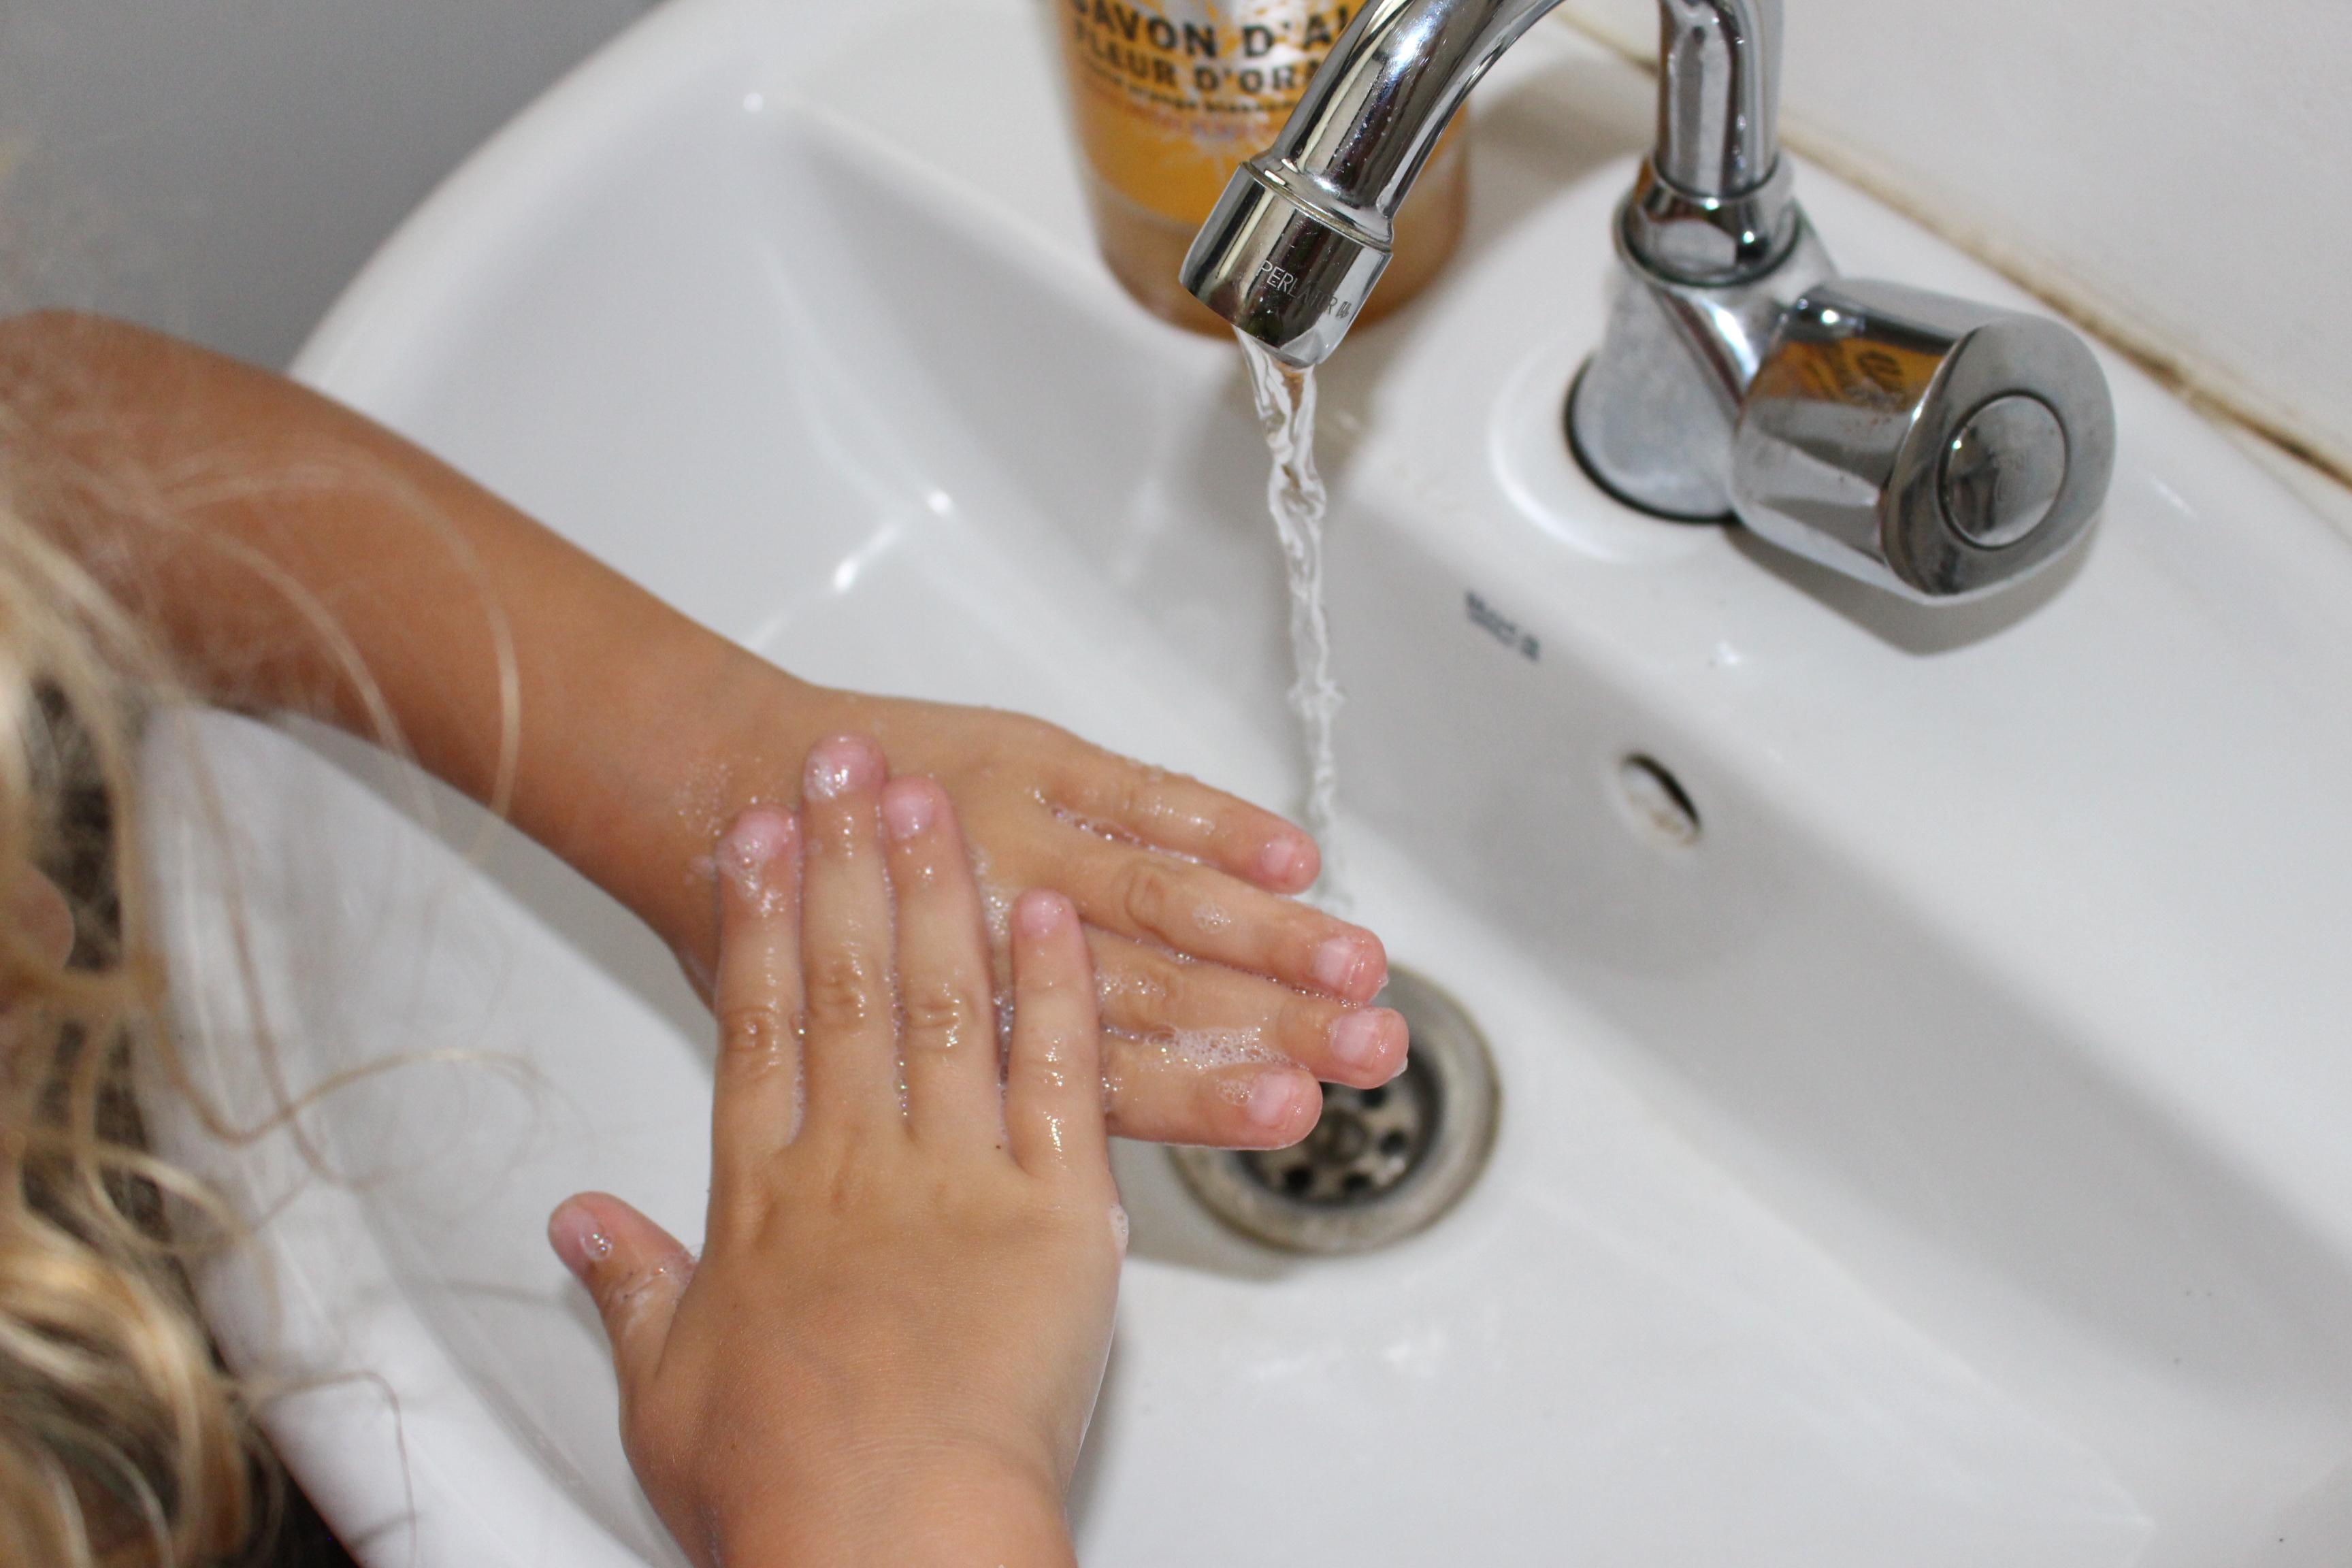 Page enfant : La bonne technique pour se laver les mains